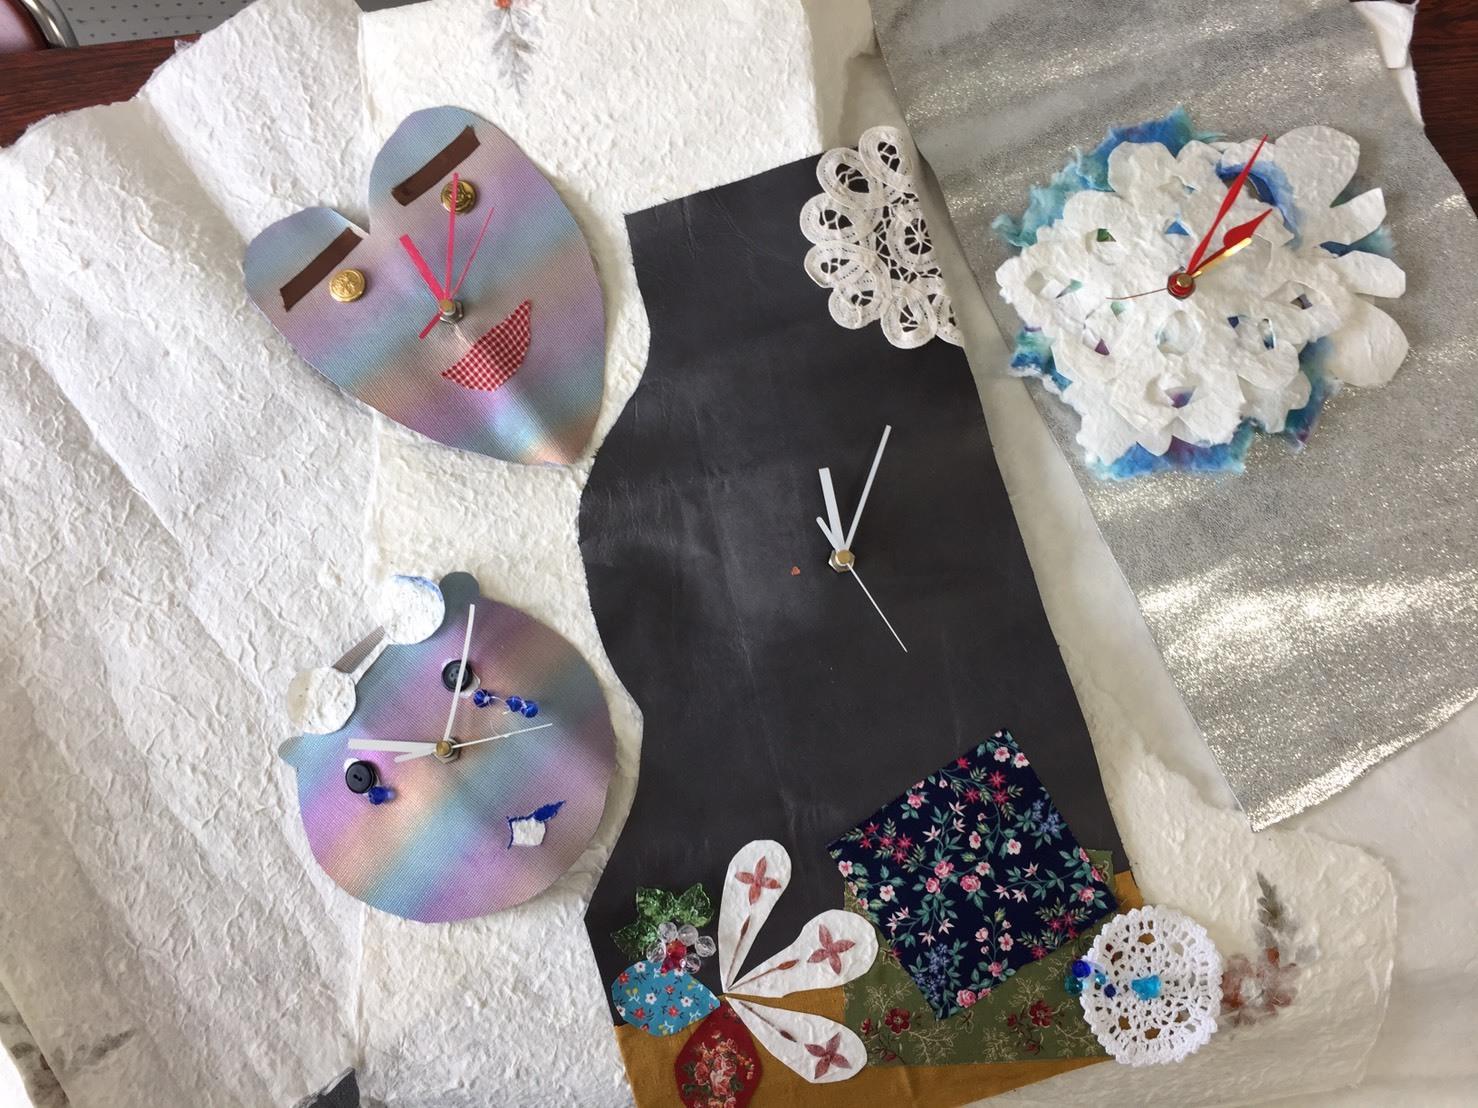 時計を作ったよ~なびなび2月_c0151470_22511563.jpg